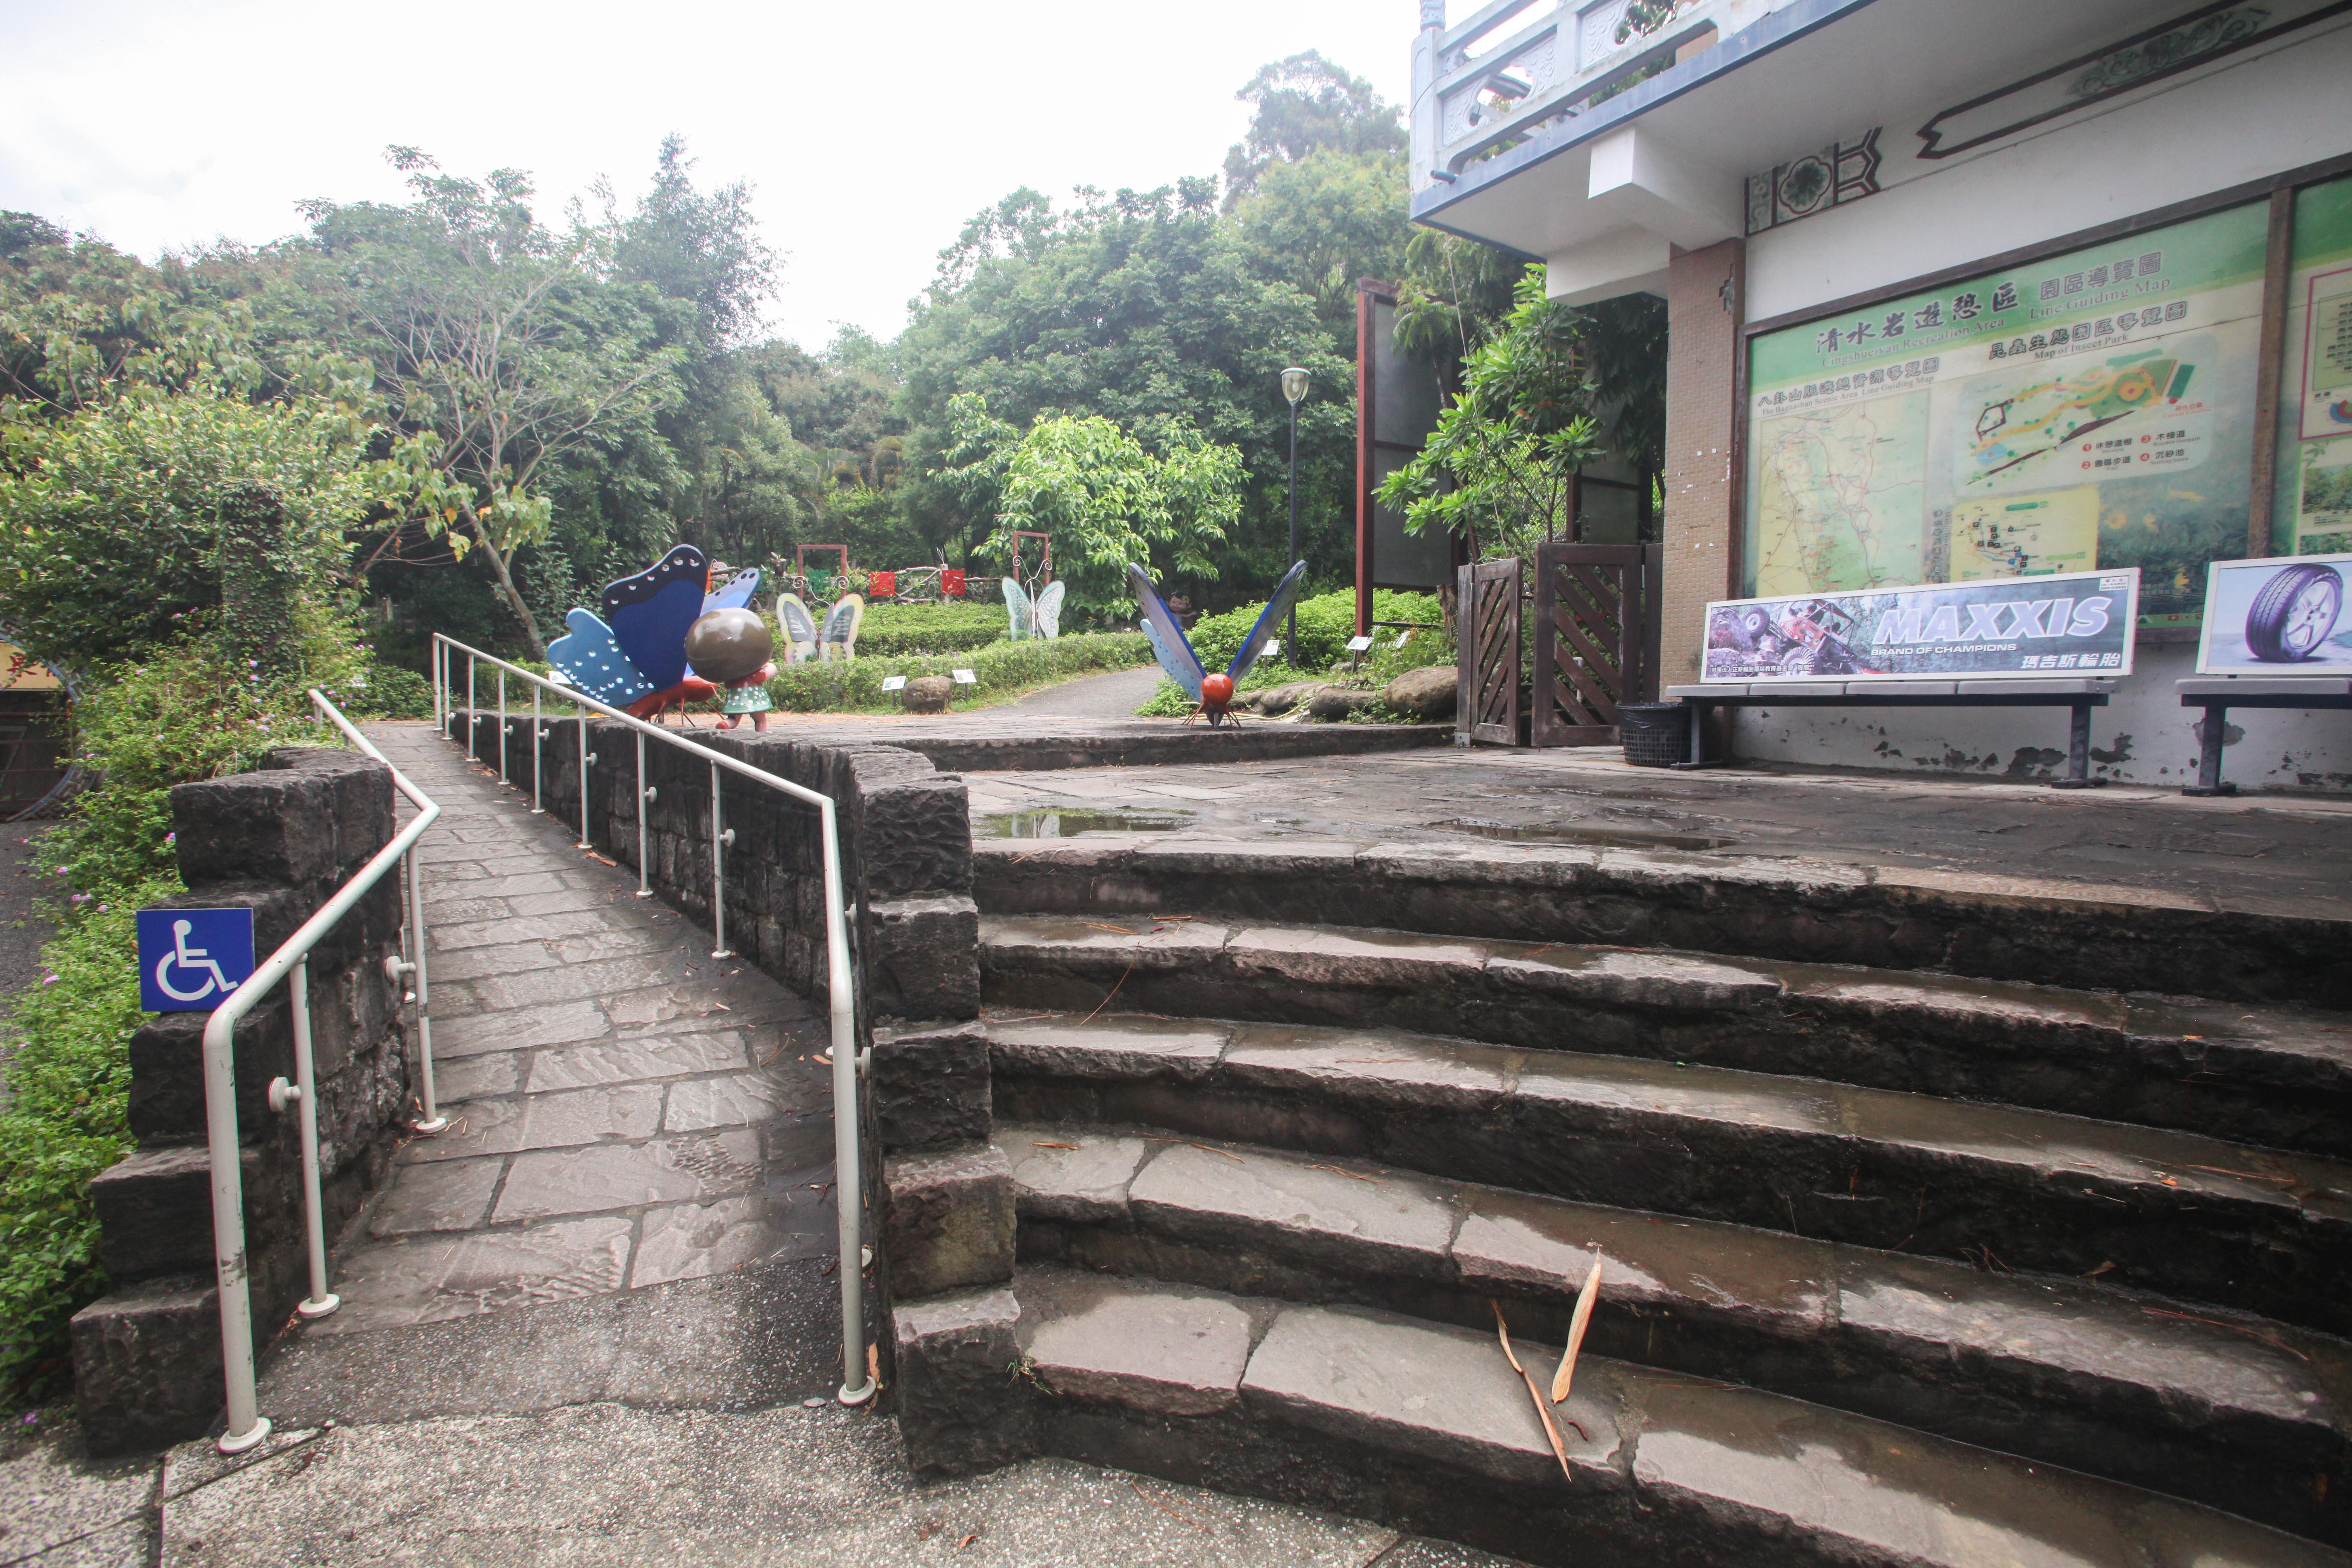 生態園区のバリアフリーのスロープ